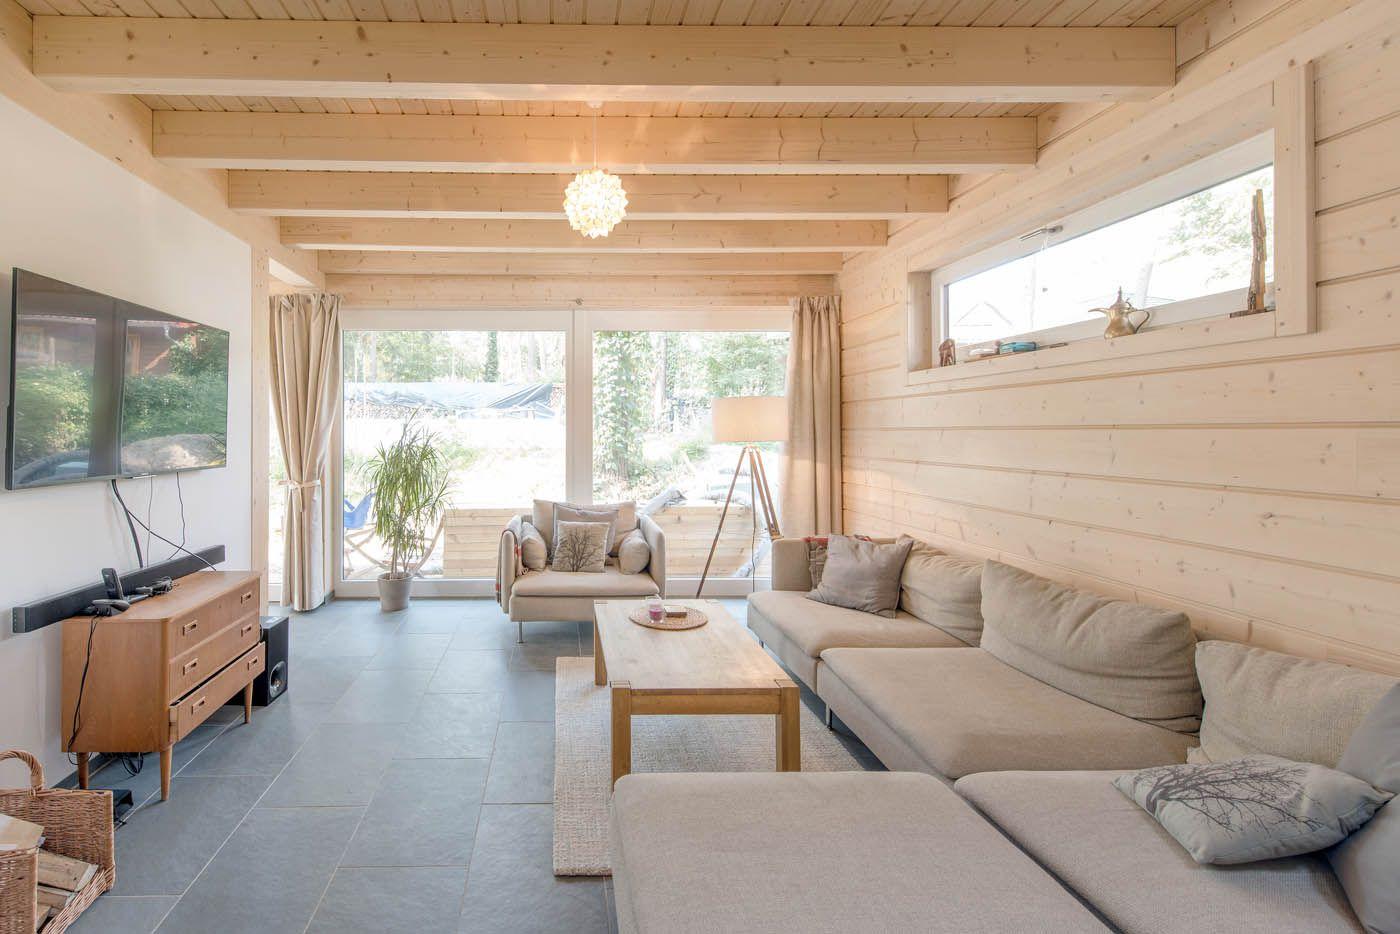 ... Une Maison Moderne Inspirée Par La Construction Traditionnelle En  Poteau Poutre. Lu0027aménagement Intérieur Est Du Design Scandinave Simple Et  Fonctionnel.